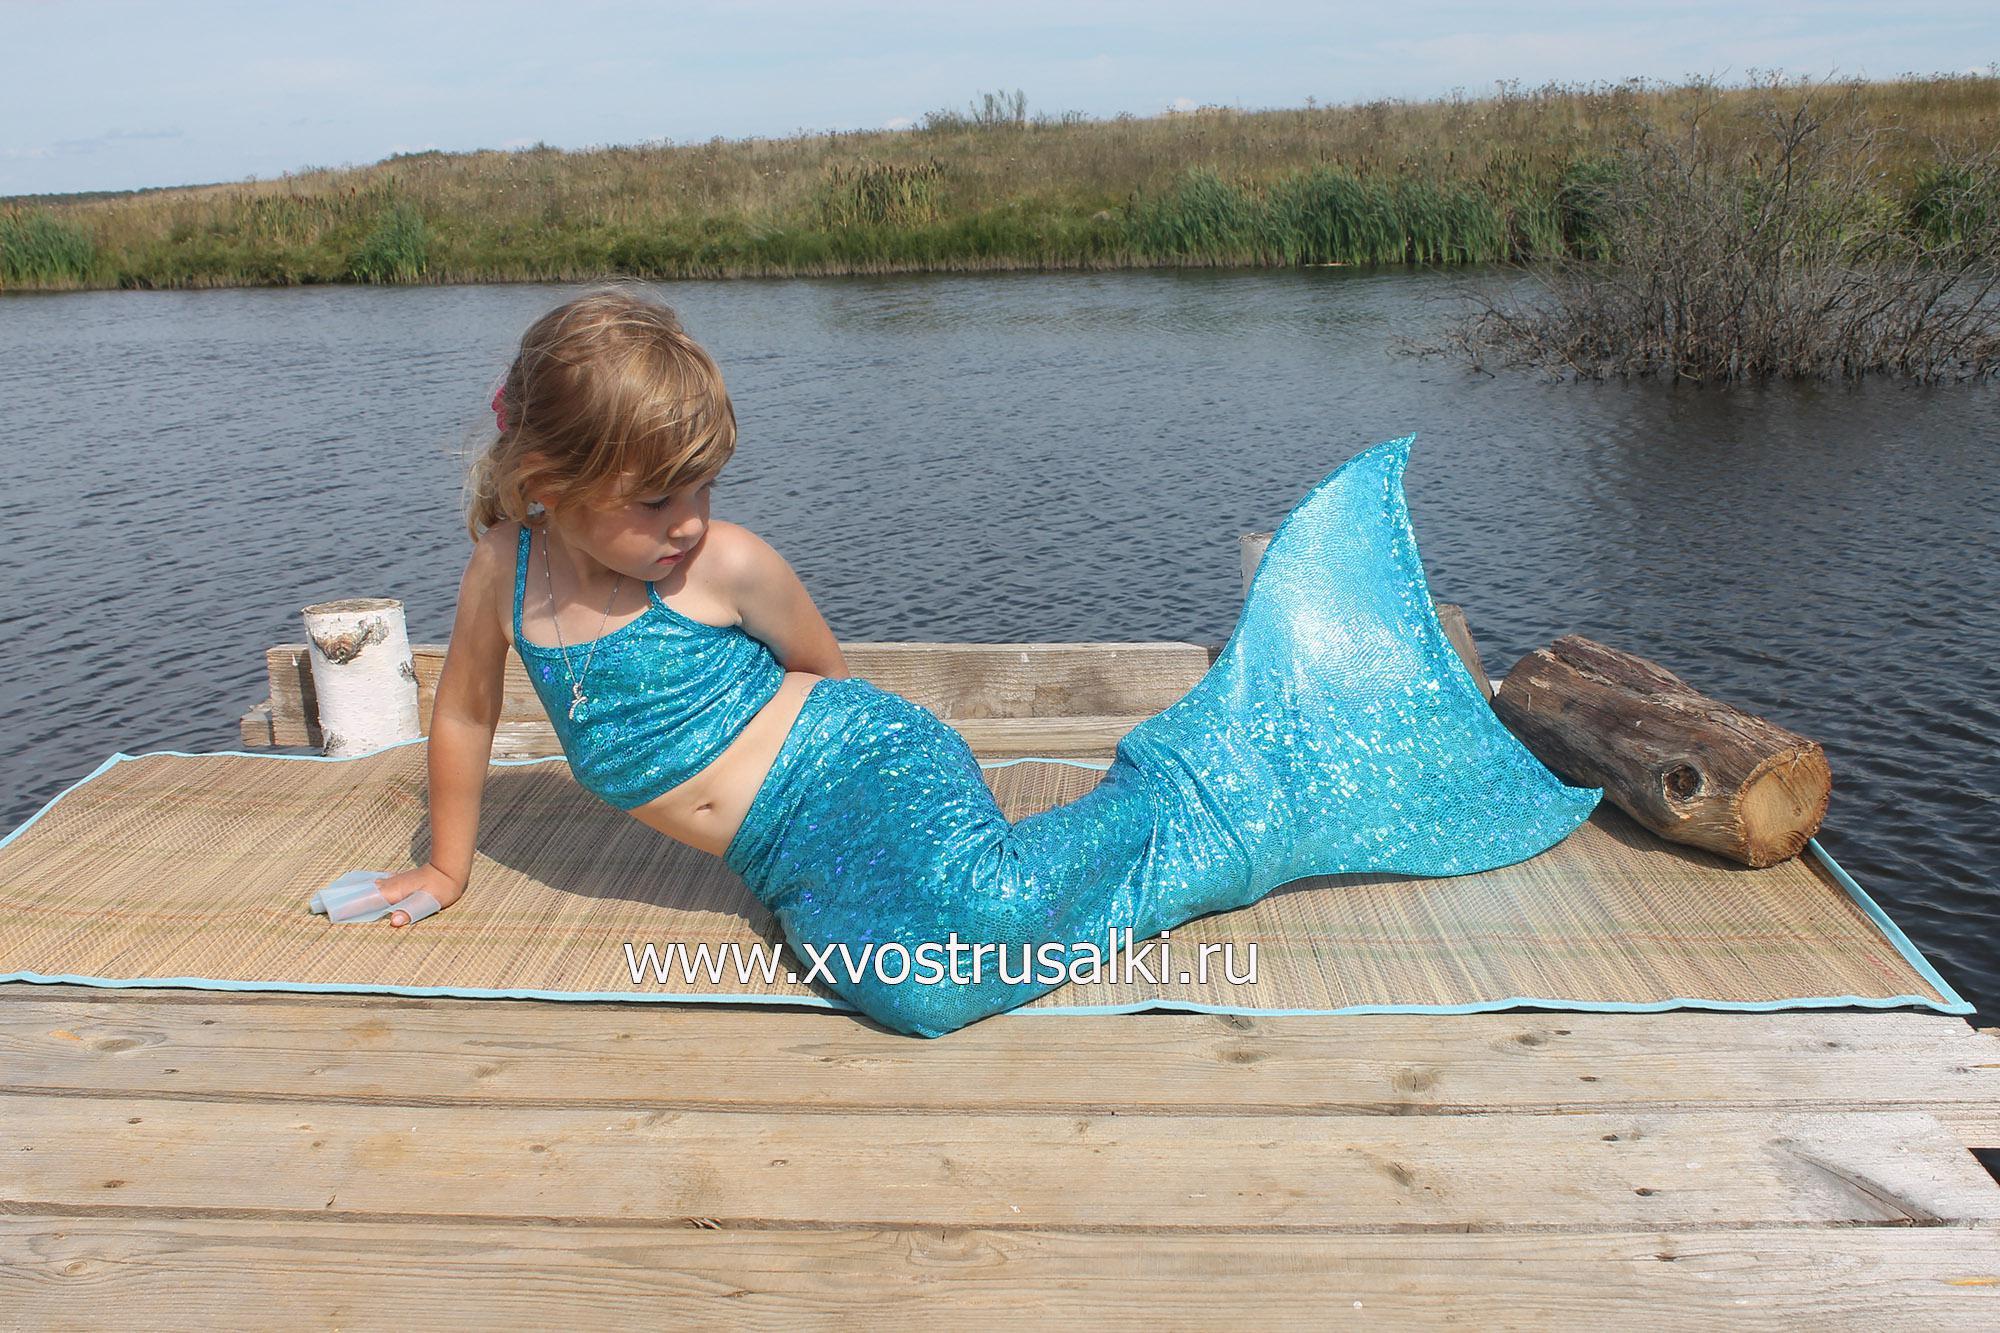 купить хвост русалки голубого цвета недорого